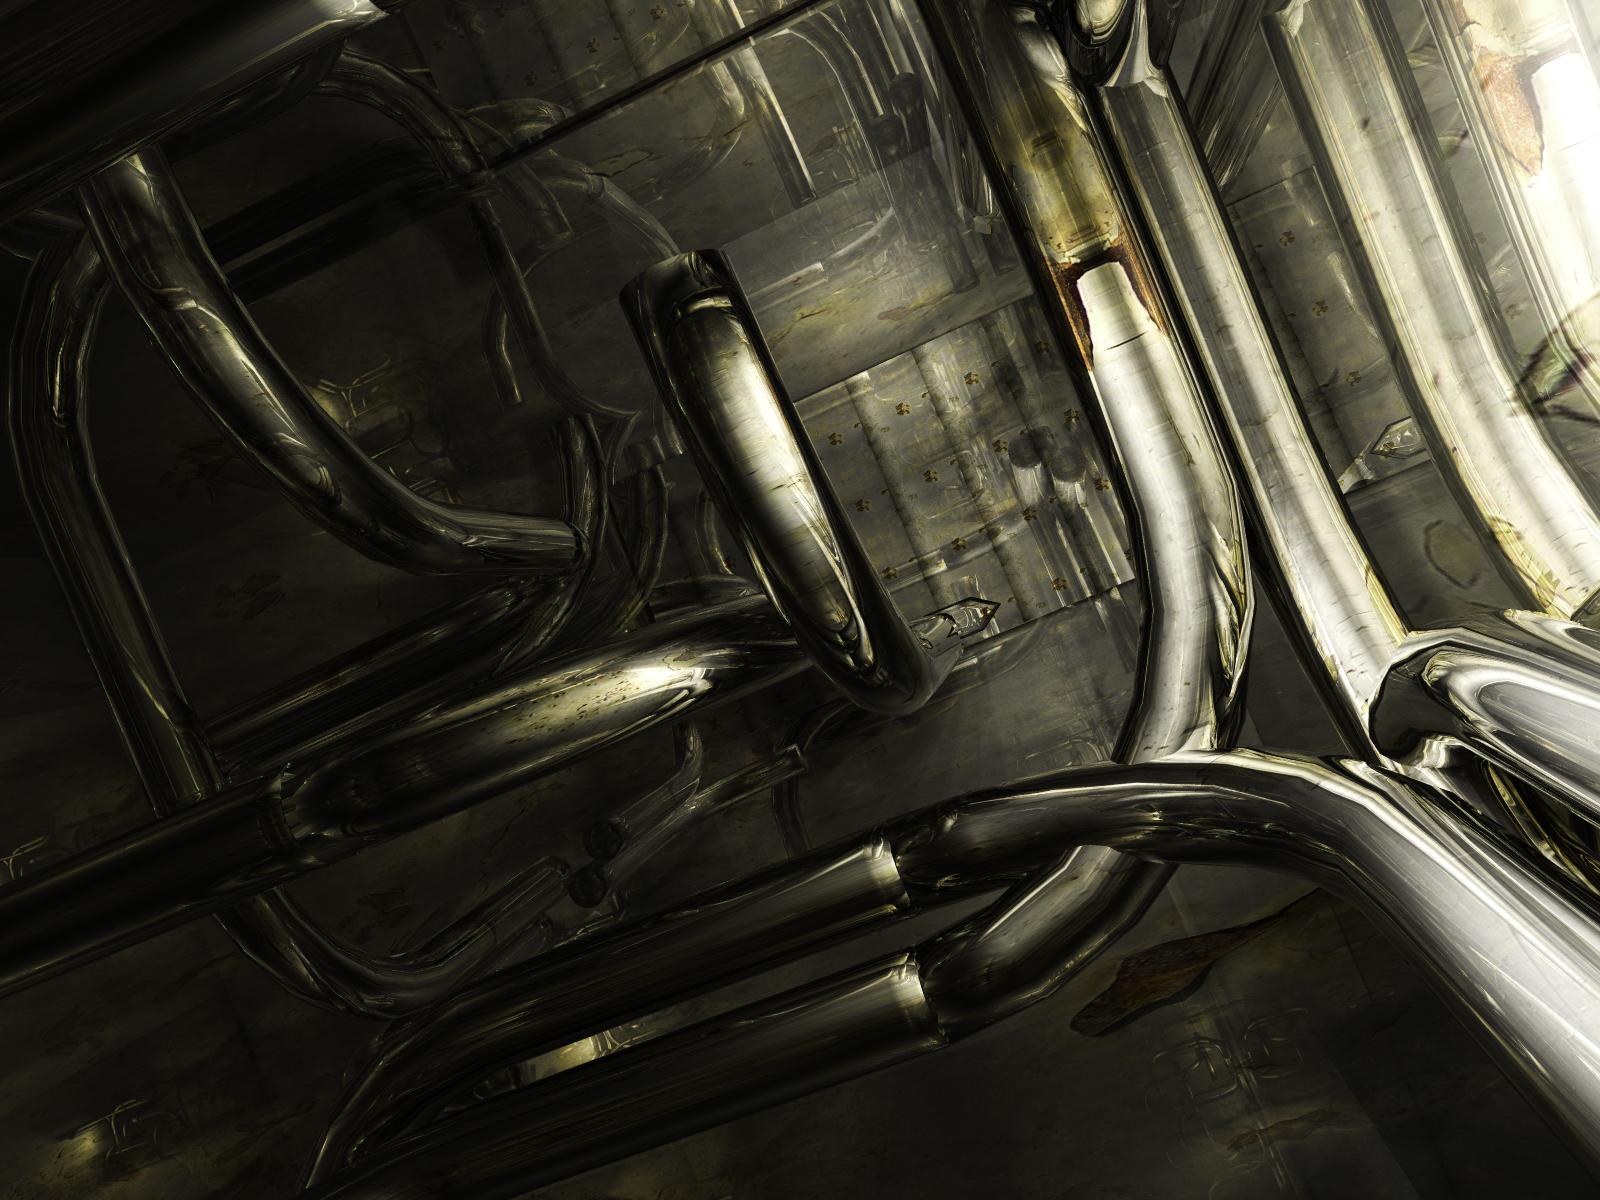 Check Pipes by Hythamkalefe